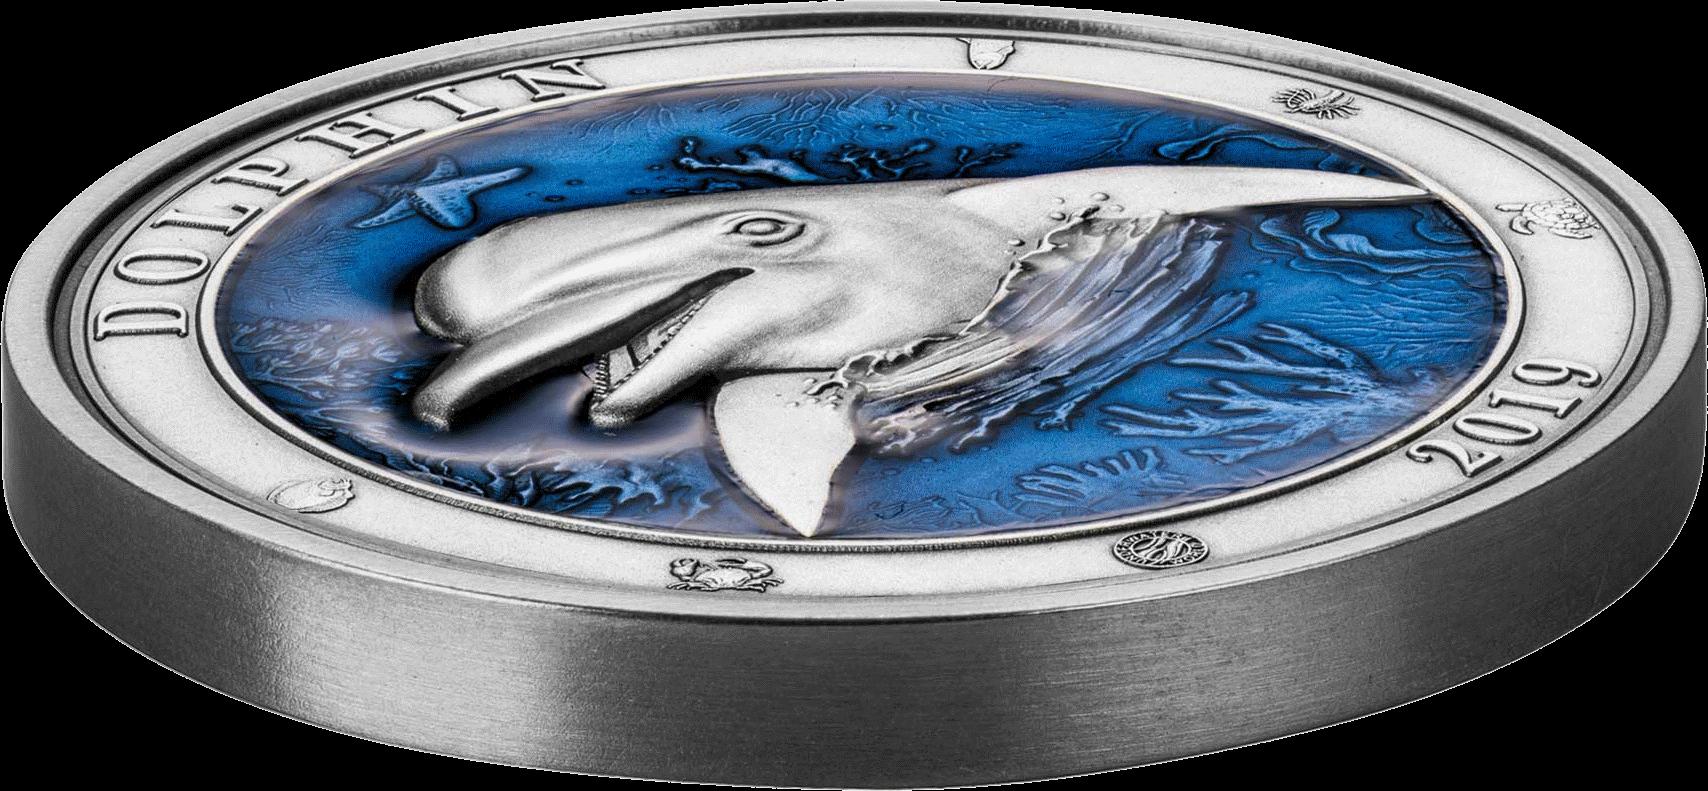 Барбадос 3-D монета 5 долларов Дельфин, вид сбоку